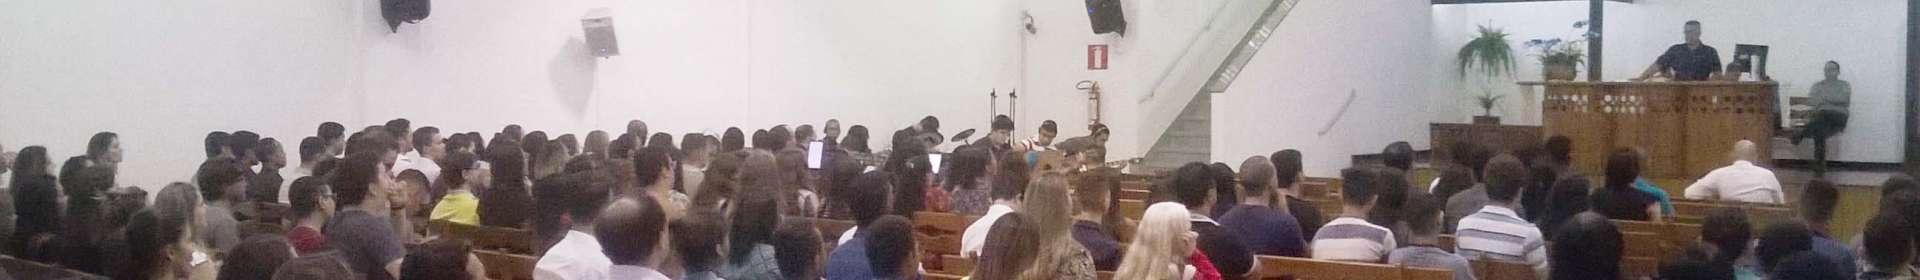 Jovens de Belo Horizonte e Bom Destino (MG) participam de reunião